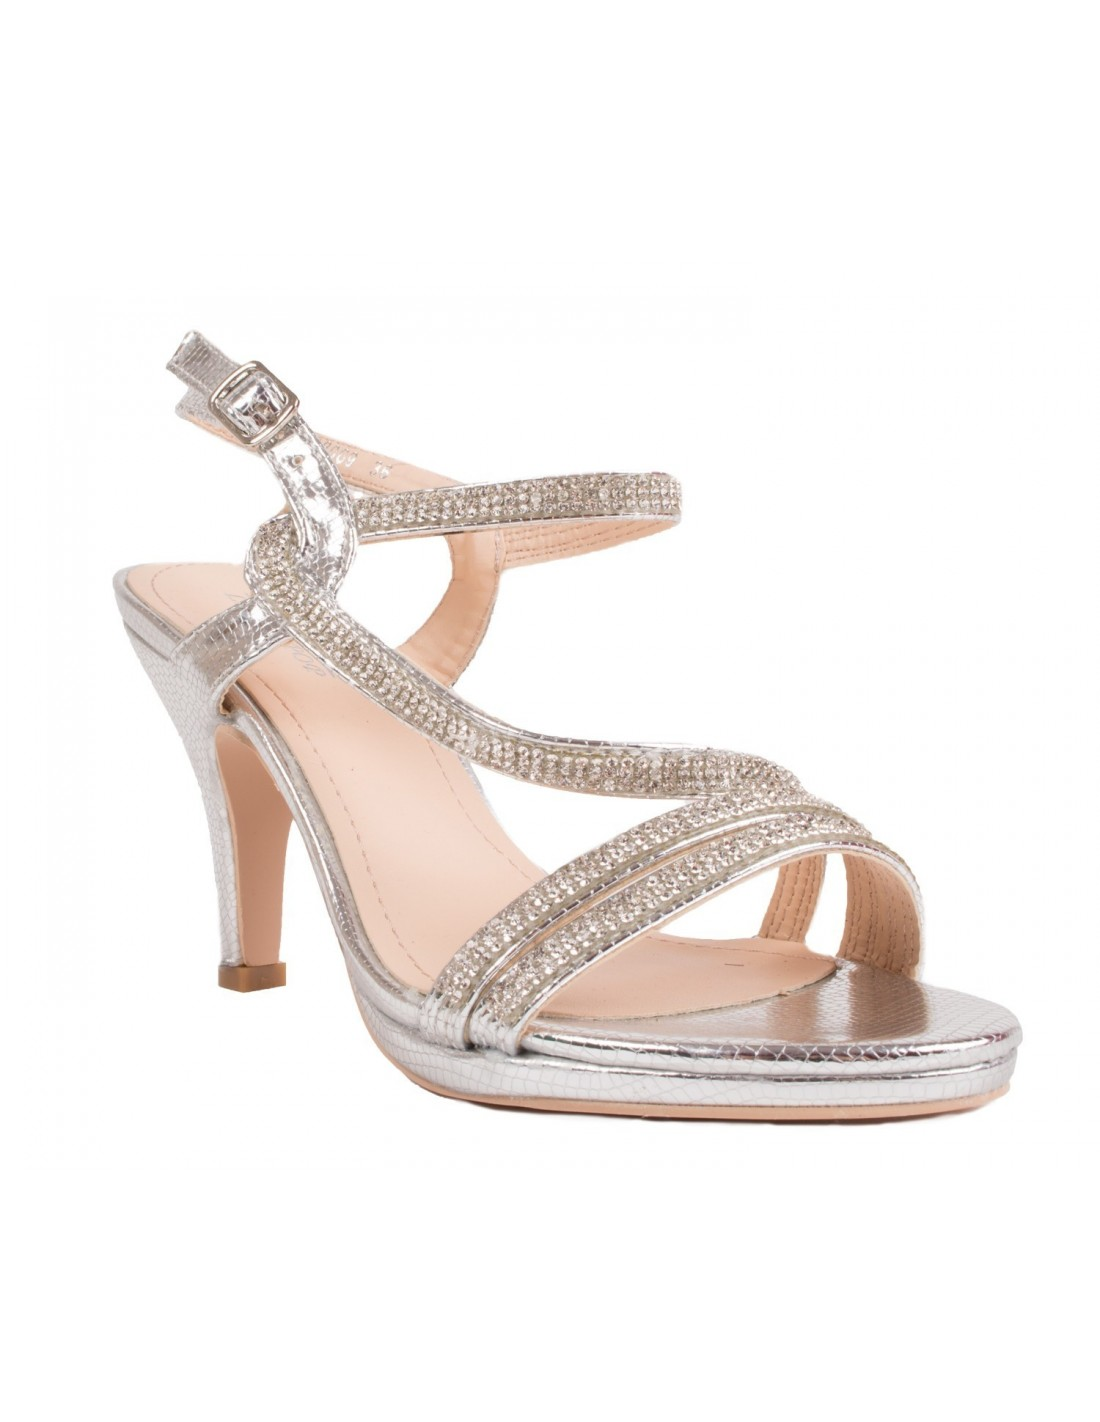 c3b9b558d Chaussures mariage femme argenté strass & fines lanières petit talon